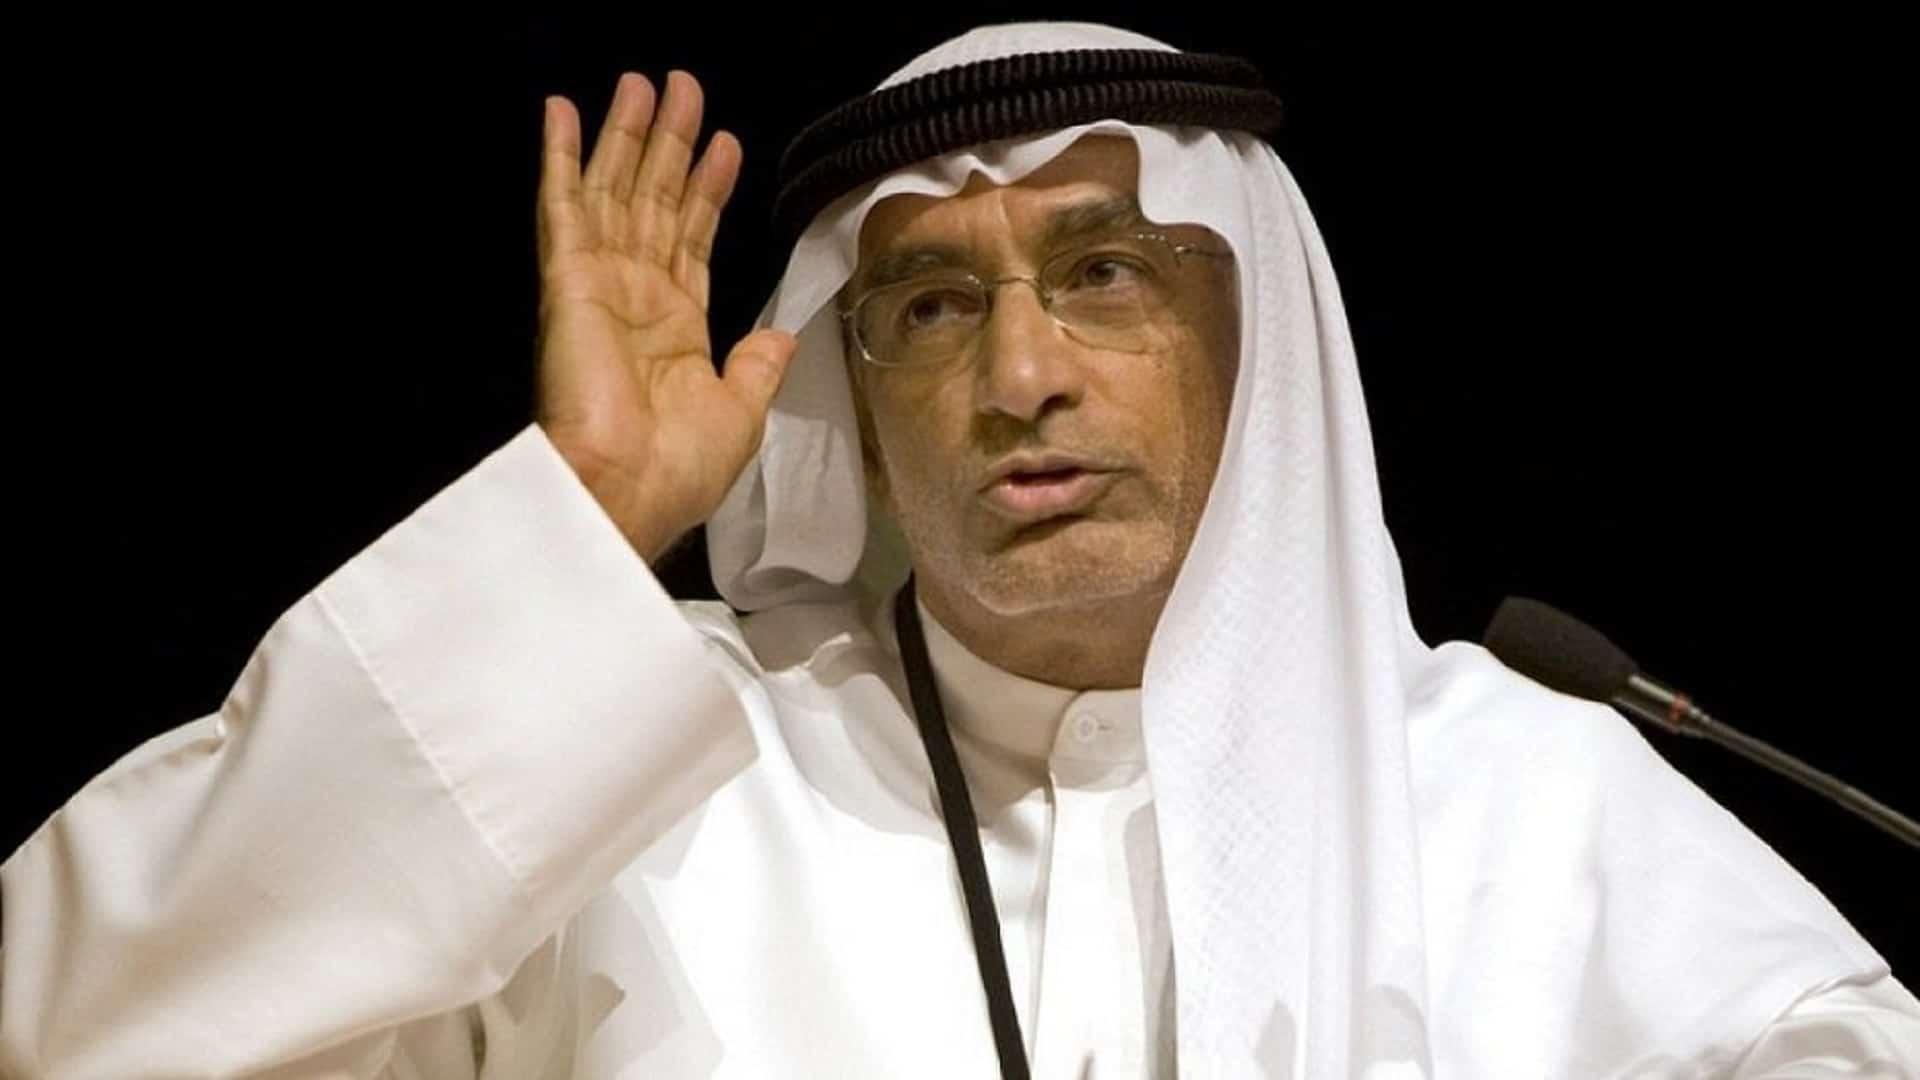 عبدالخالق عبدالله: قطر ساعدت طالبان في الاستيلاء على الحكم